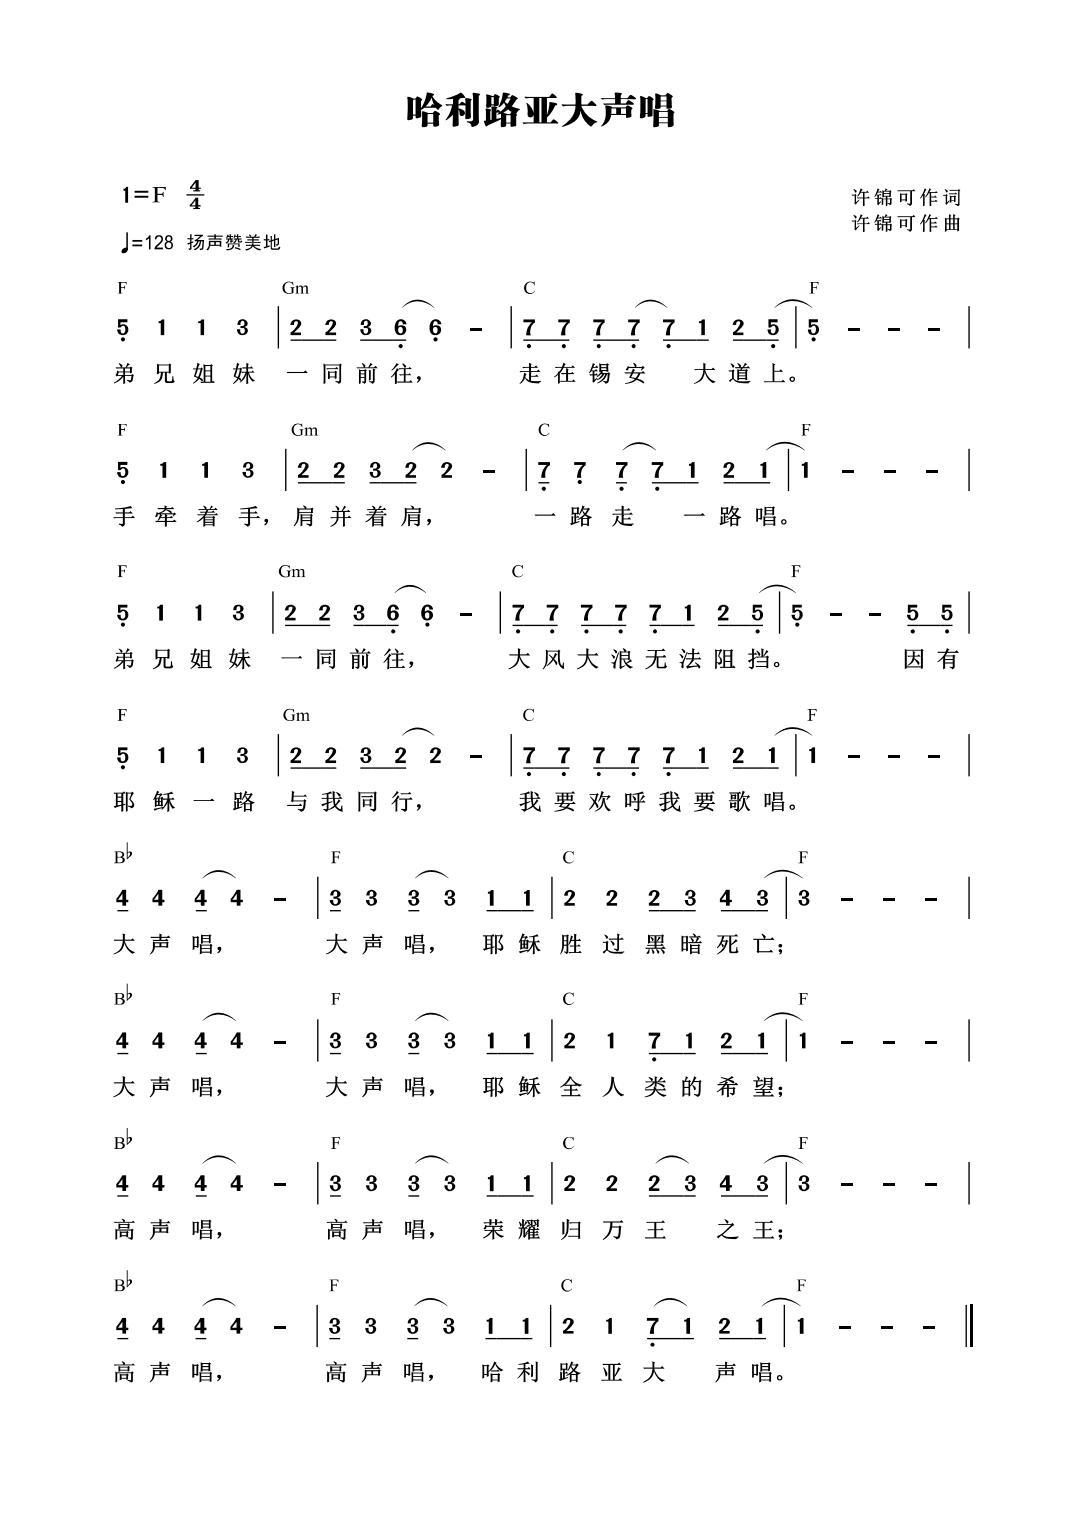 《哈利路亚大声唱 官方和弦简谱》